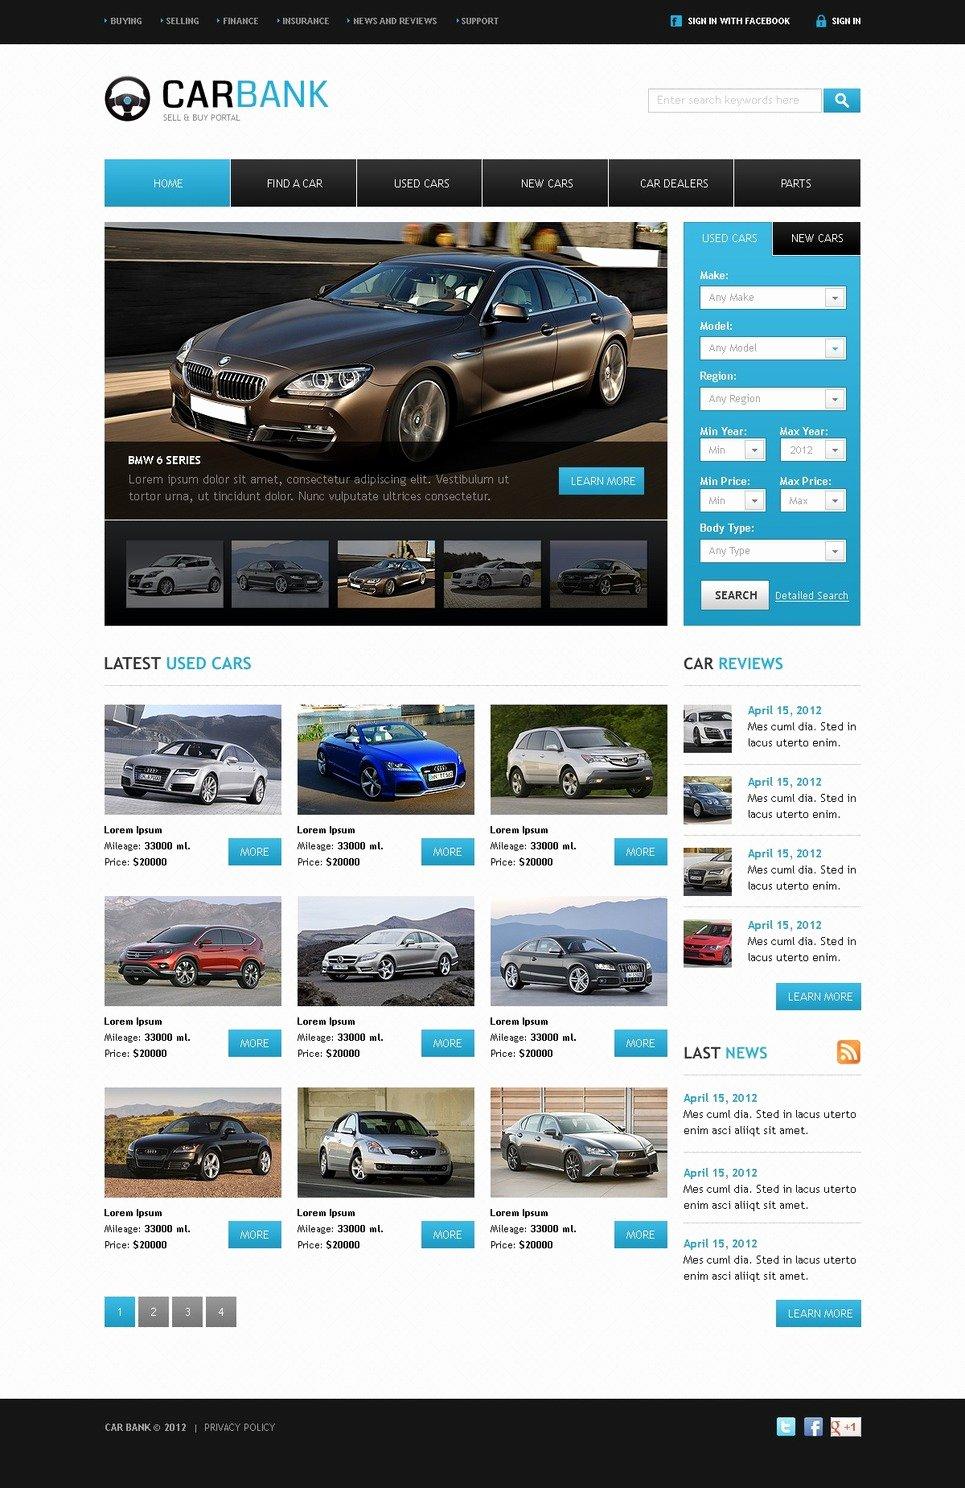 Car Dealer Website Template Free Elegant Car Dealer Website Template